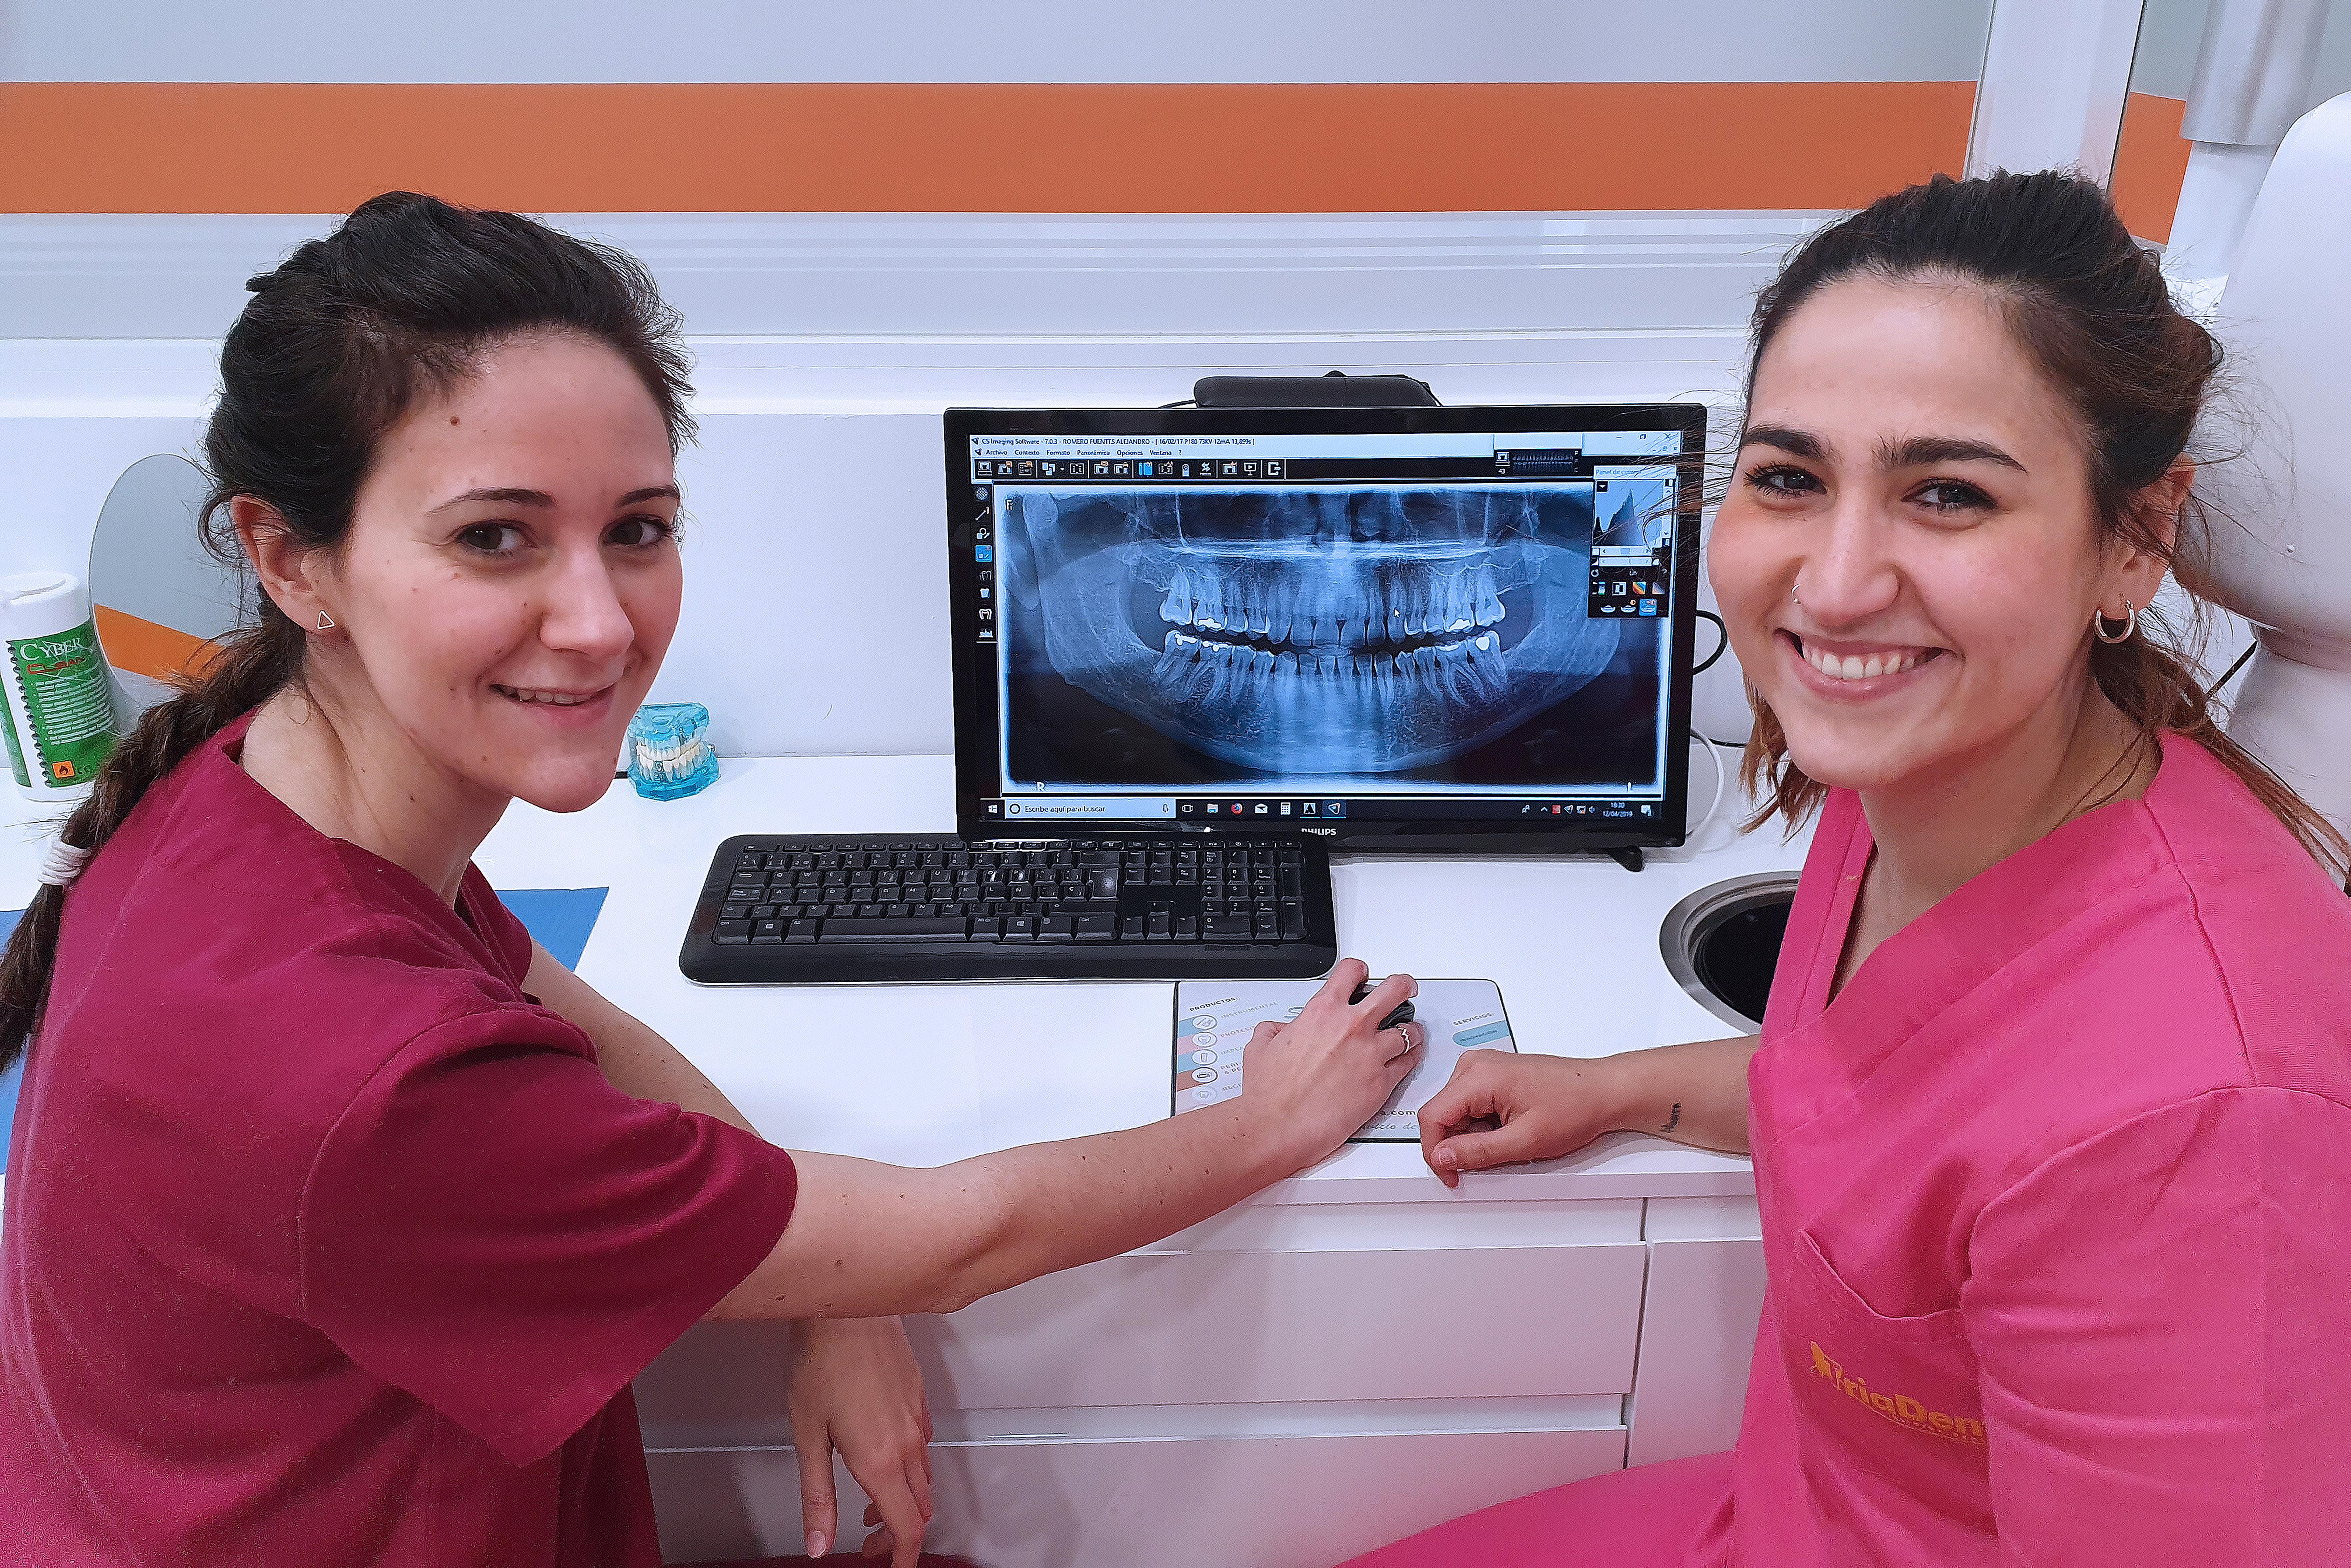 Dra López Álvarez e higienista Macarena Garzón consultando radiografía de boca en ordenador